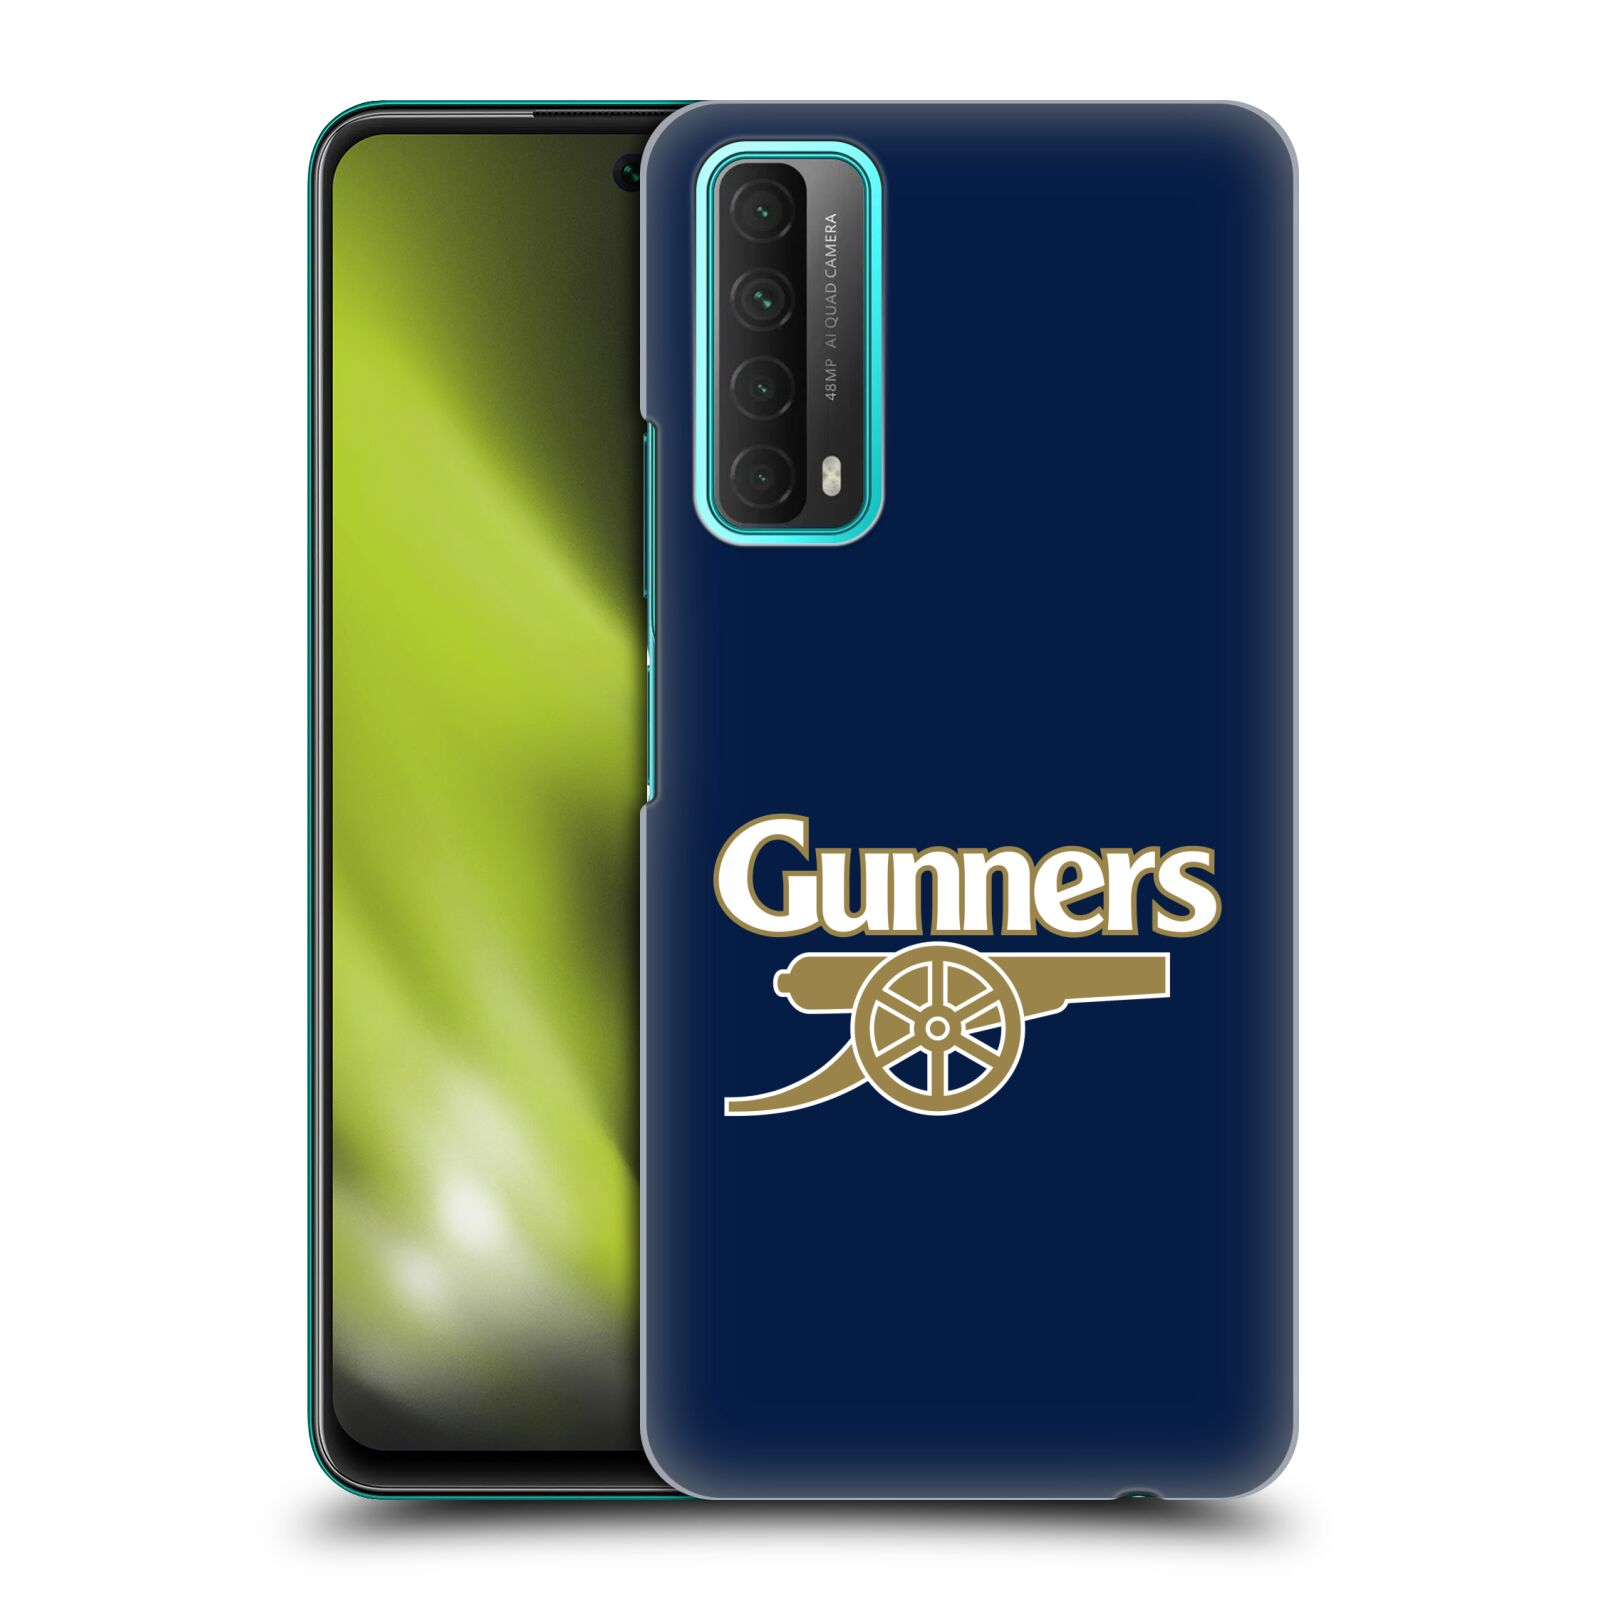 Plastové pouzdro na mobil Huawei P Smart (2021) - Head Case - Arsenal FC - Gunners